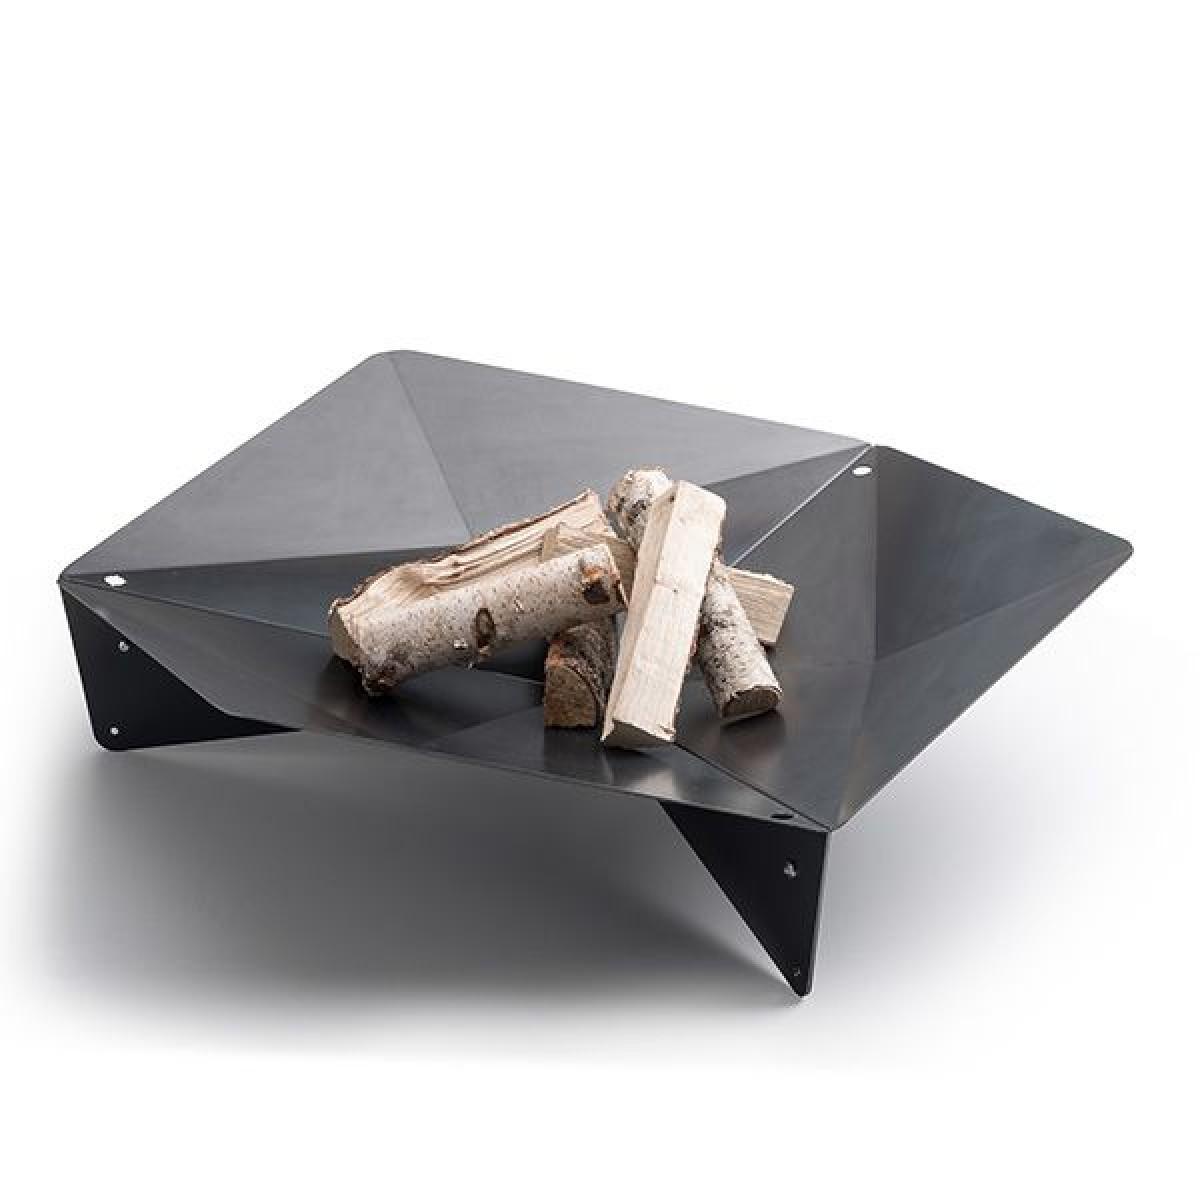 höfats TRIPLE Ø 120 cm || Fire Bowl | Grill ||  Feuerschale | Grill